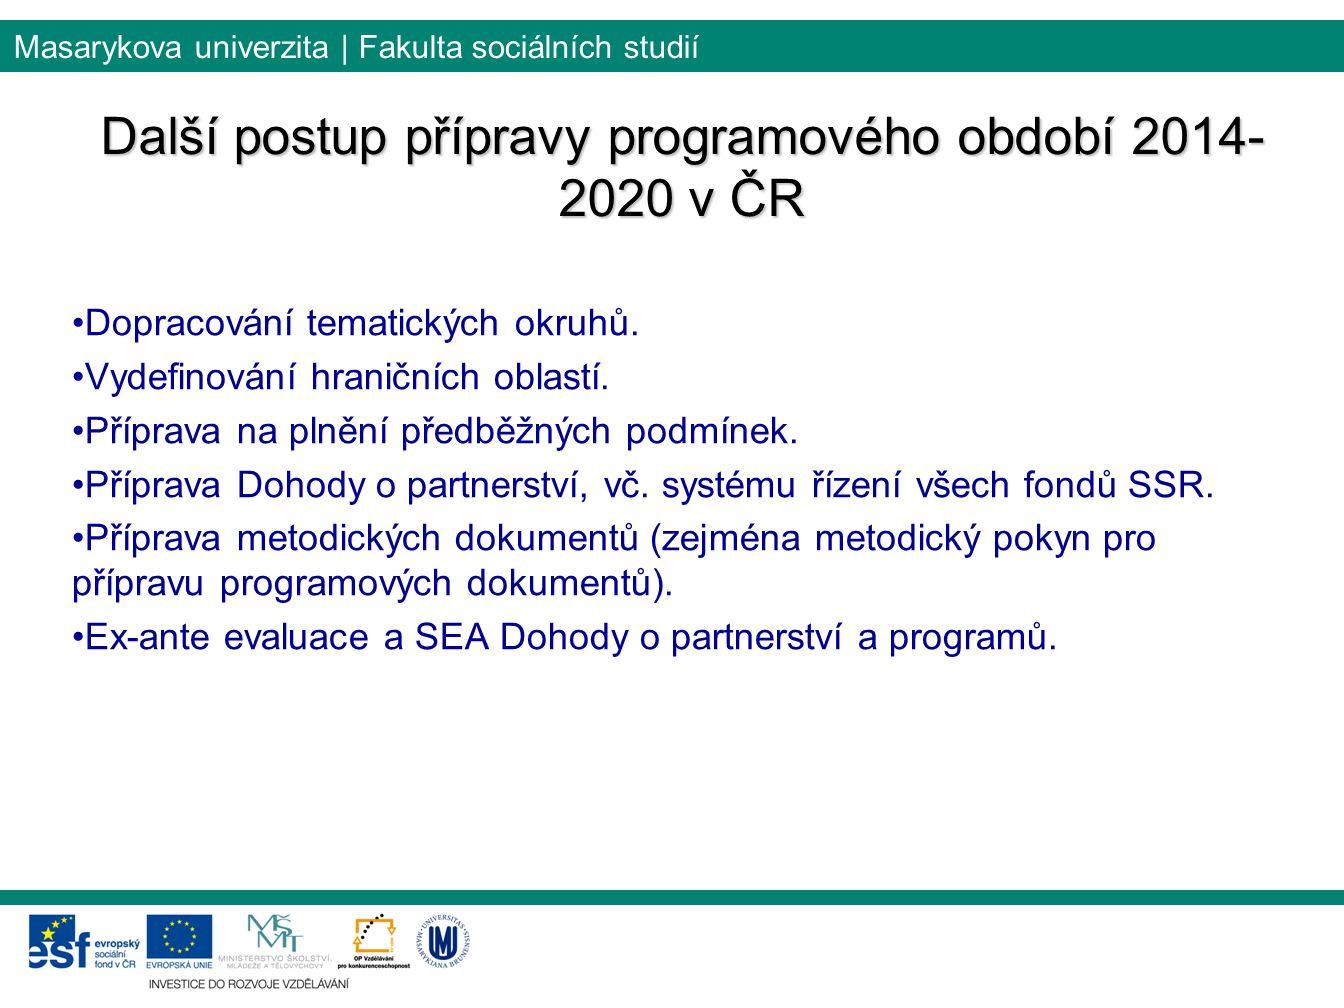 Masarykova univerzita | Fakulta sociálních studií Další postup přípravy programového období 2014- 2020 v ČR Dopracování tematických okruhů.